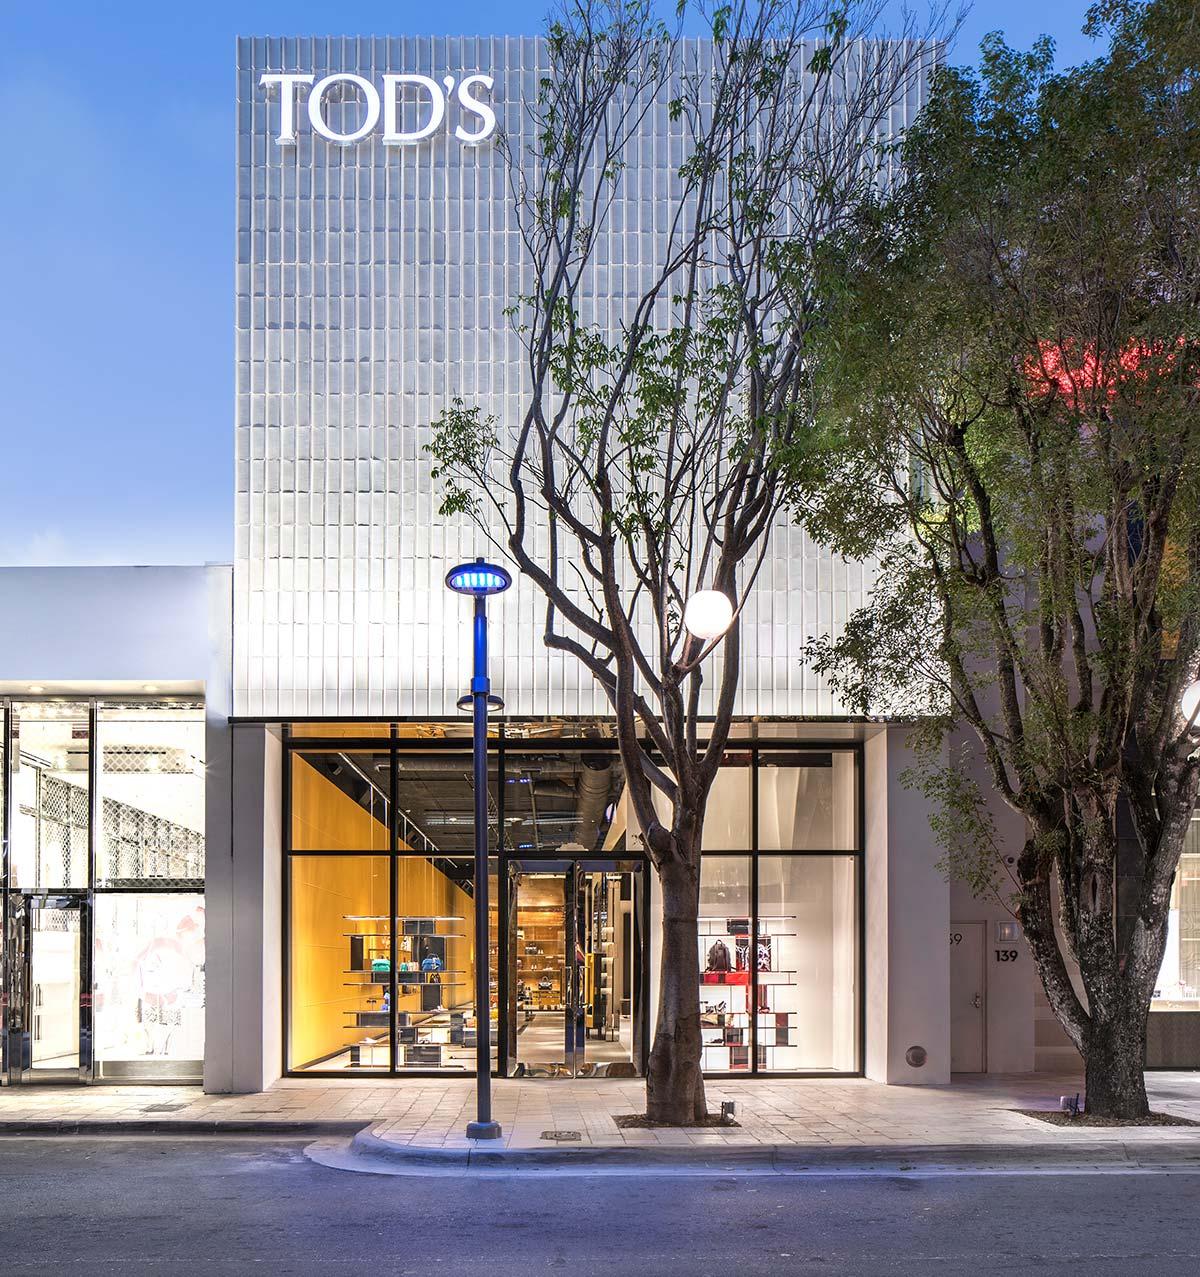 Tod's, Miami - Photo © Luca Pioltelli